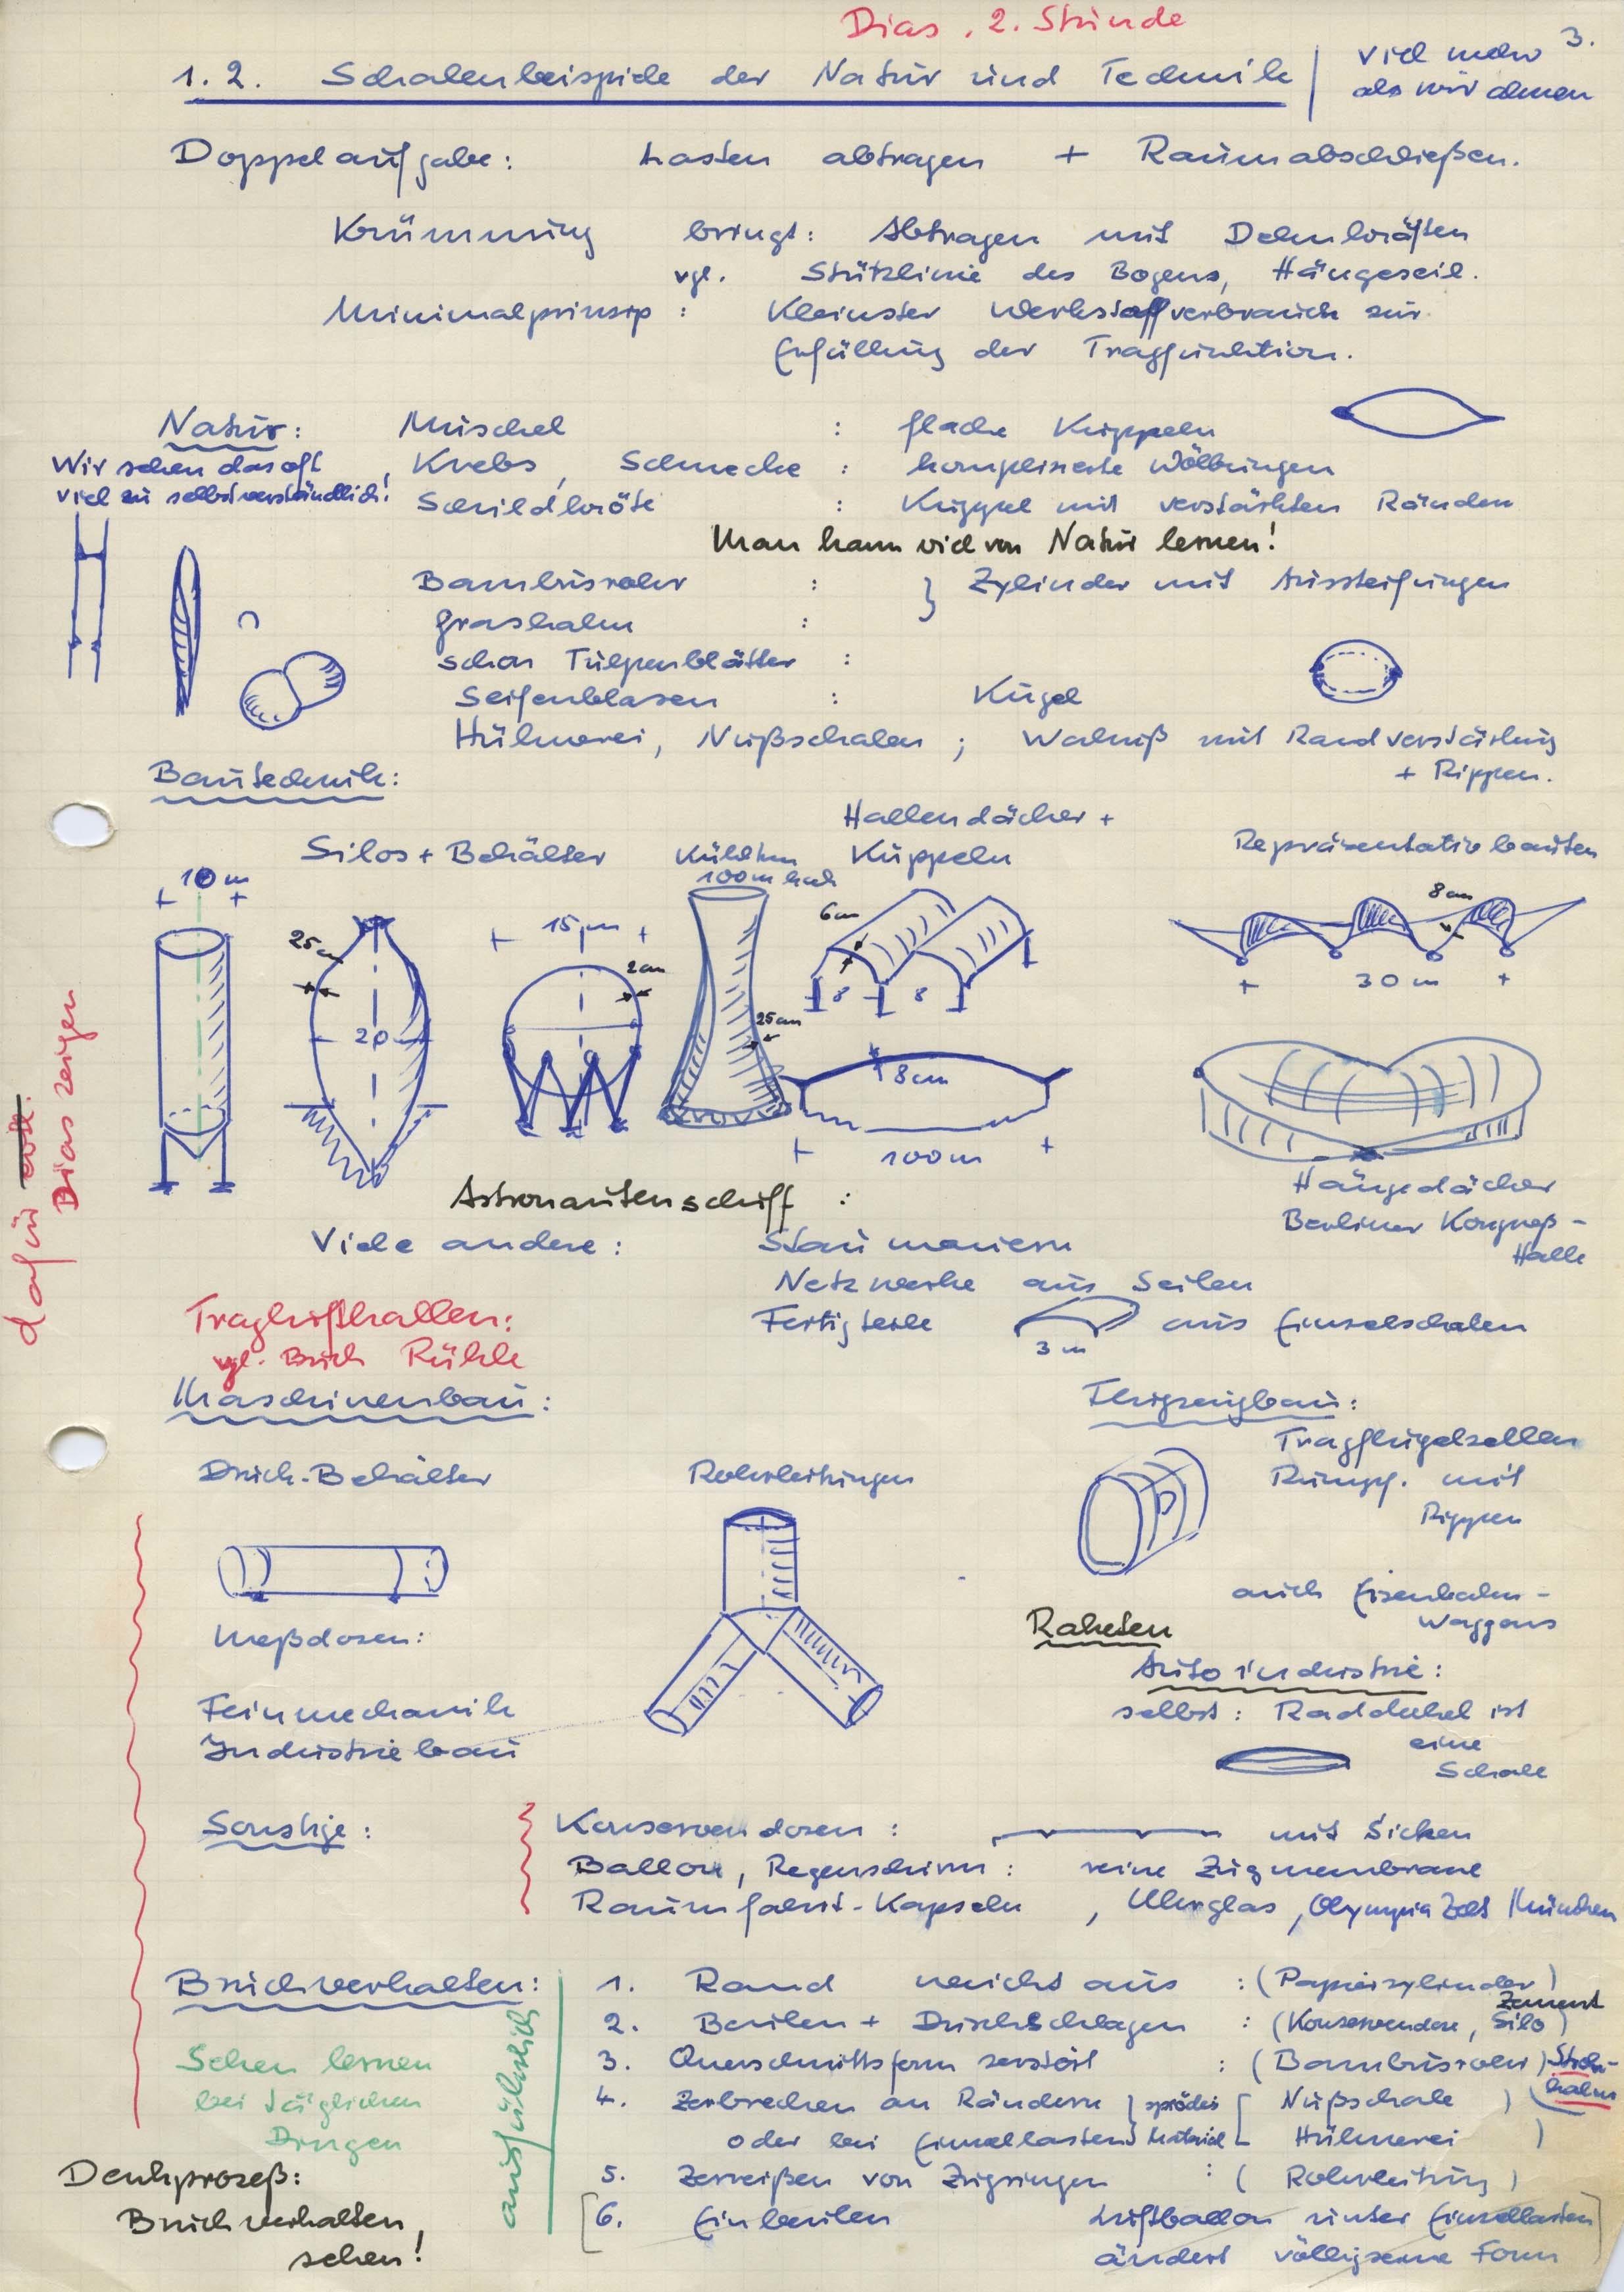 SAIB G69 I 329 Duddeck Schalen um1966672